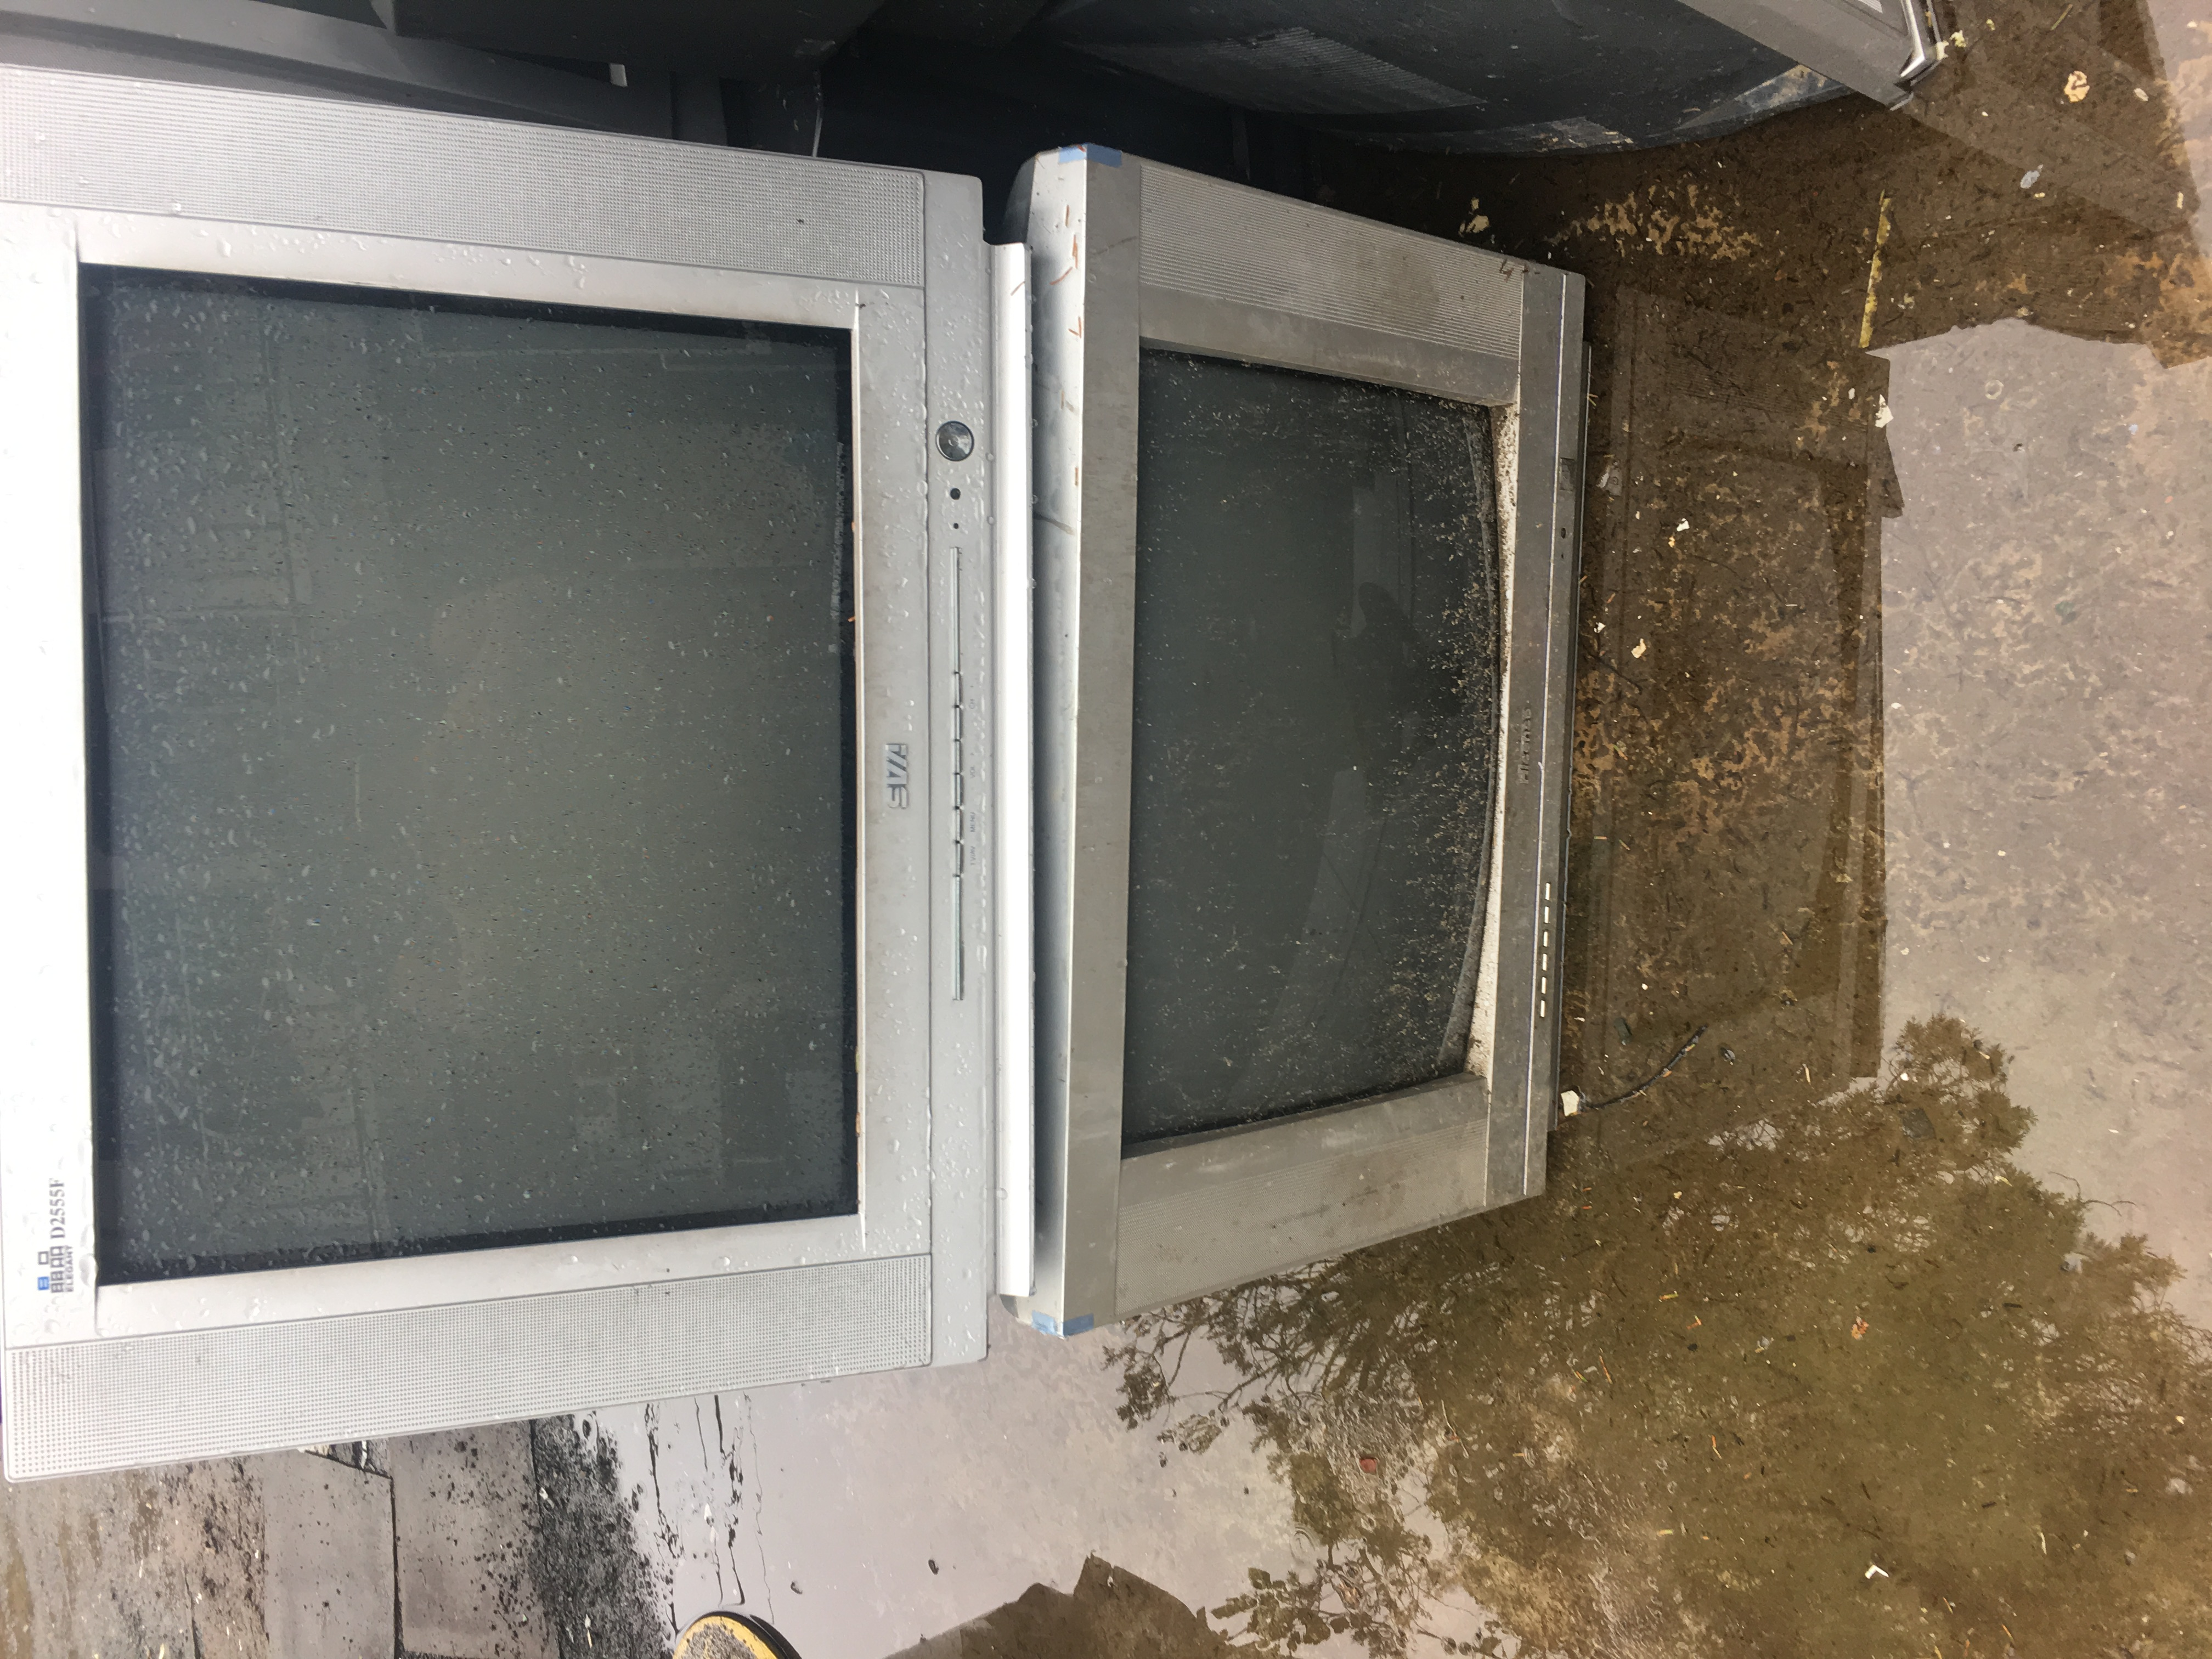 供应旧电视